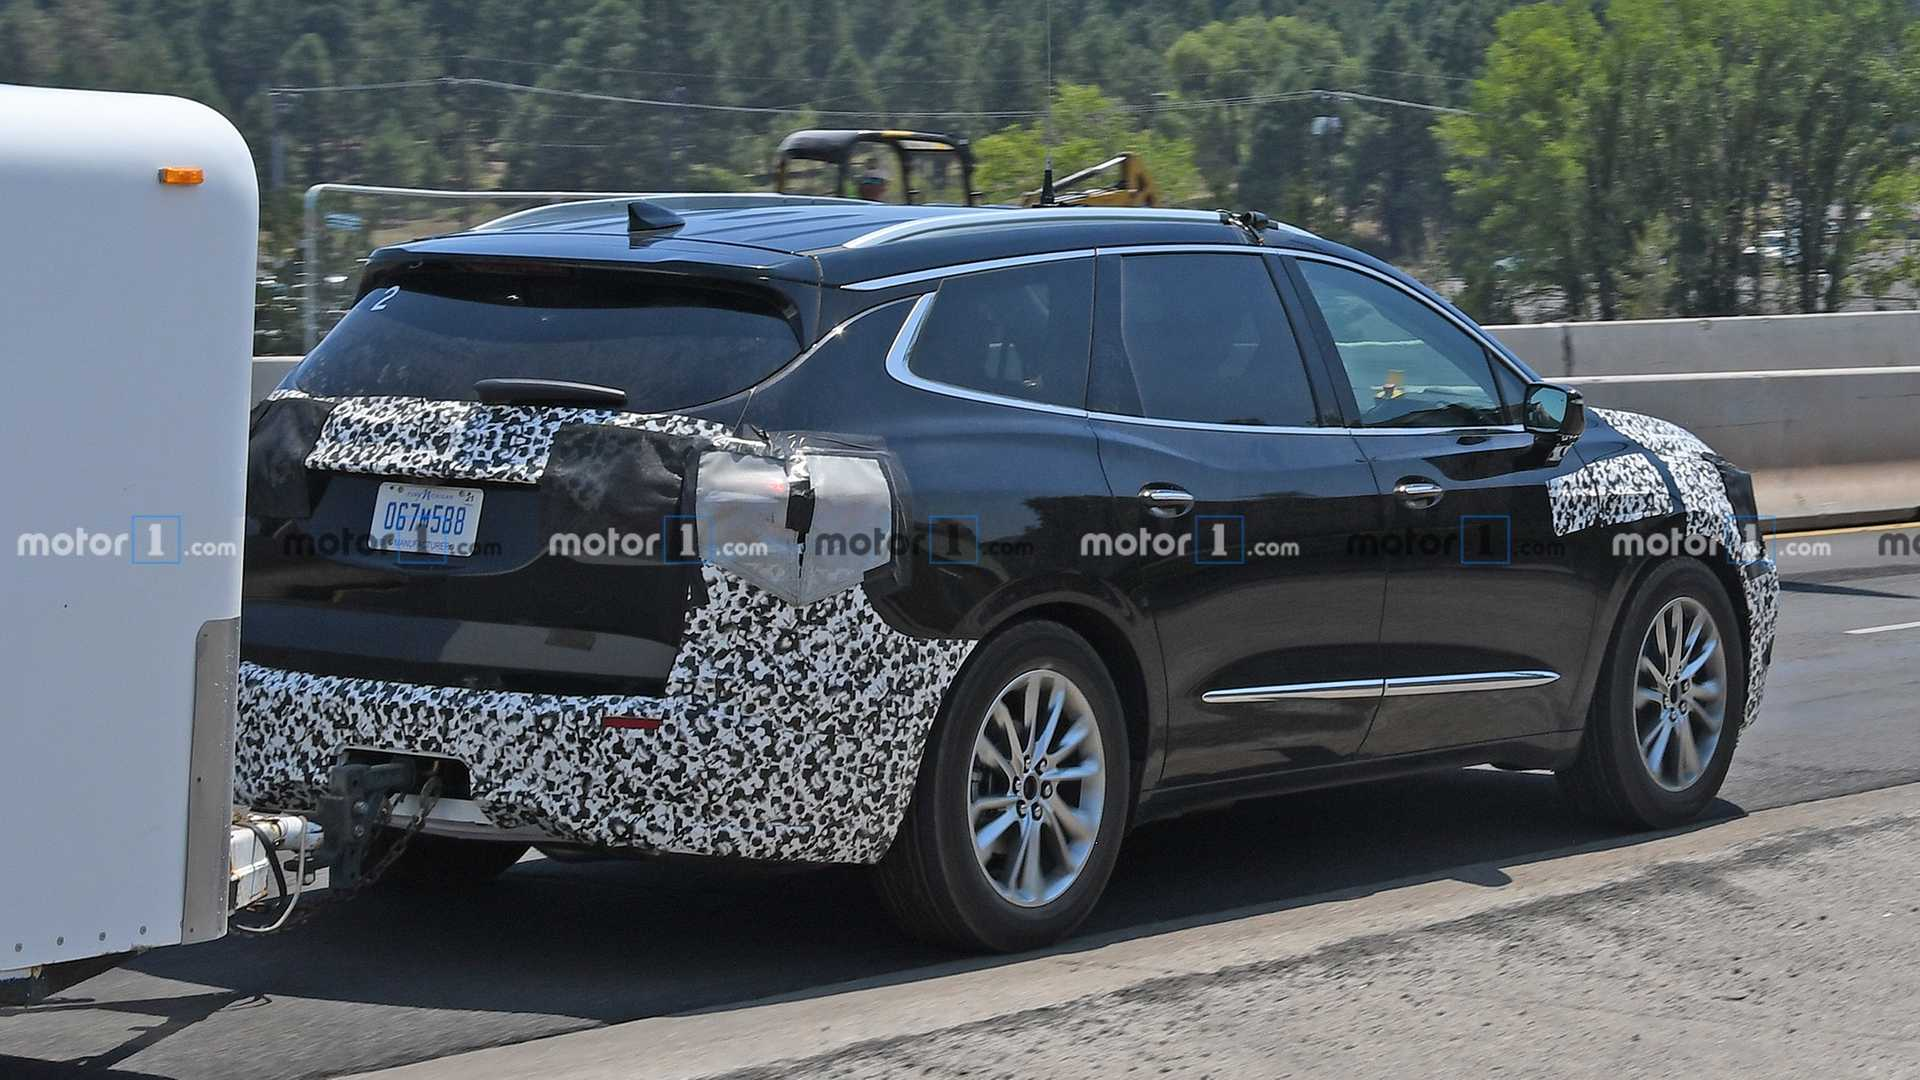 2021 Buick Enclave Spy Photos Price